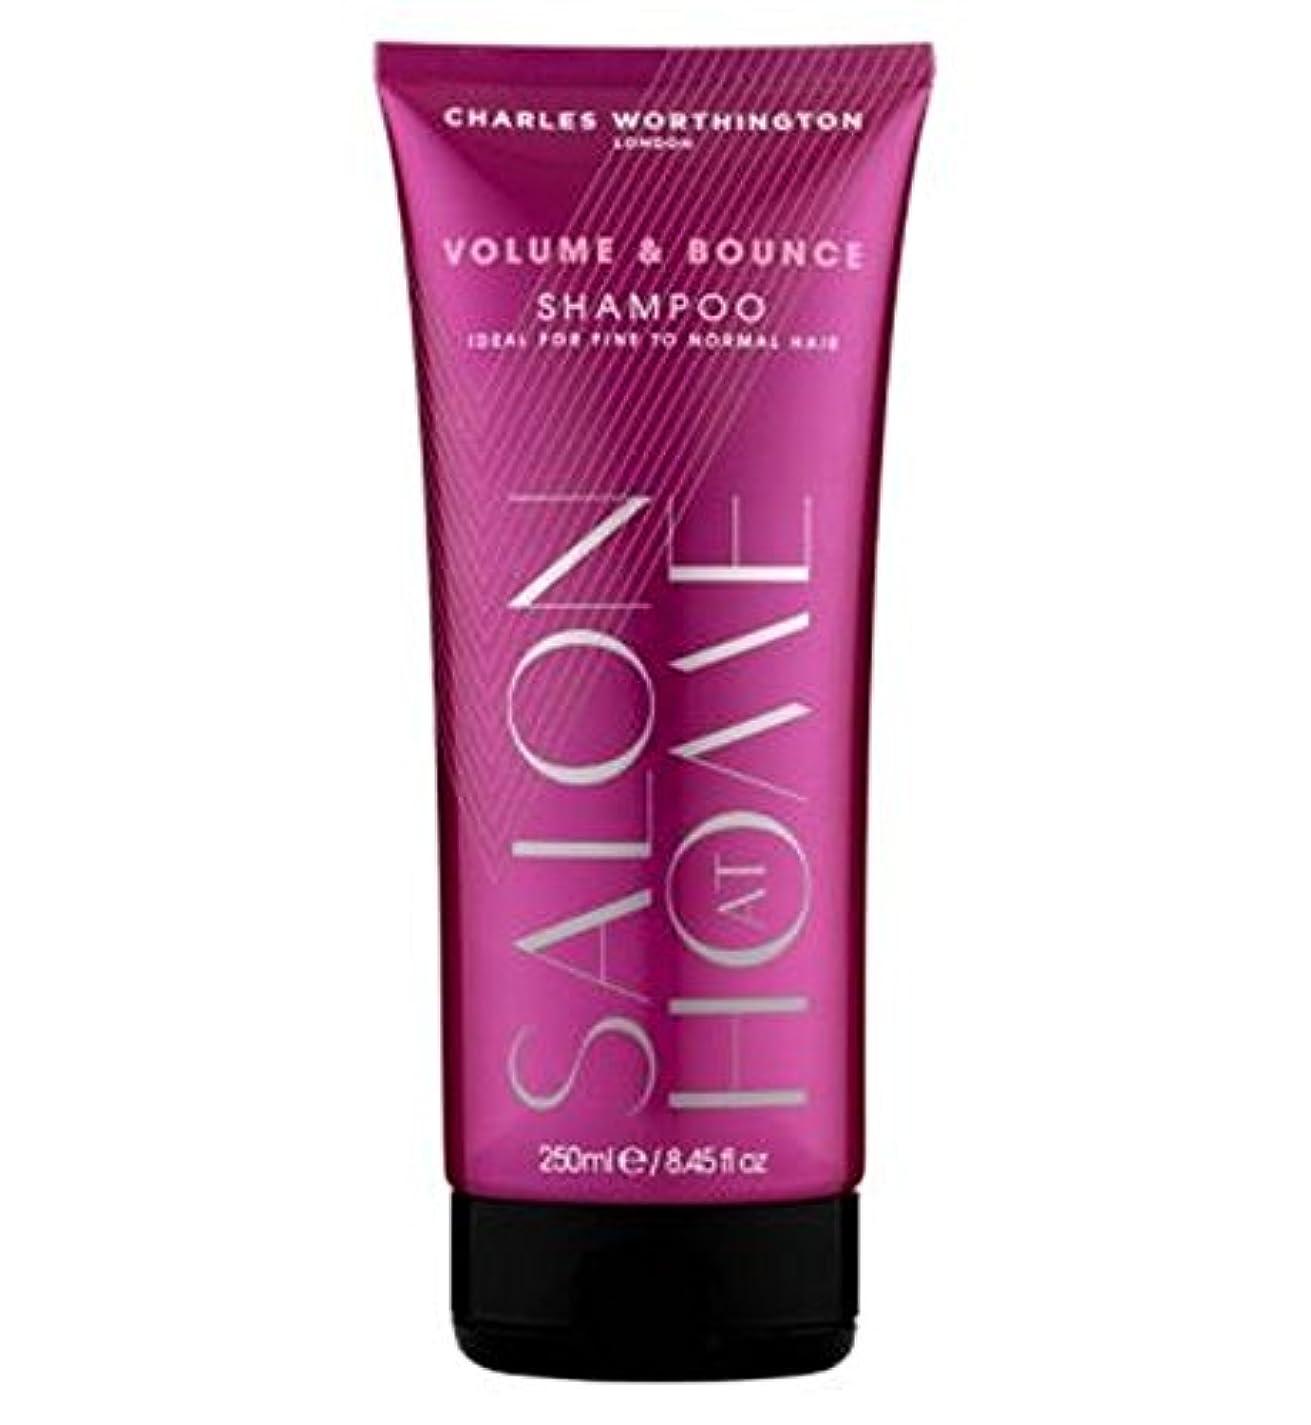 ライセンス解任決定[Charles Worthington ] チャールズ?ワーシントンボリューム&バウンスシャンプー250Ml - Charles Worthington Volume & Bounce Shampoo 250Ml [並行輸入品]